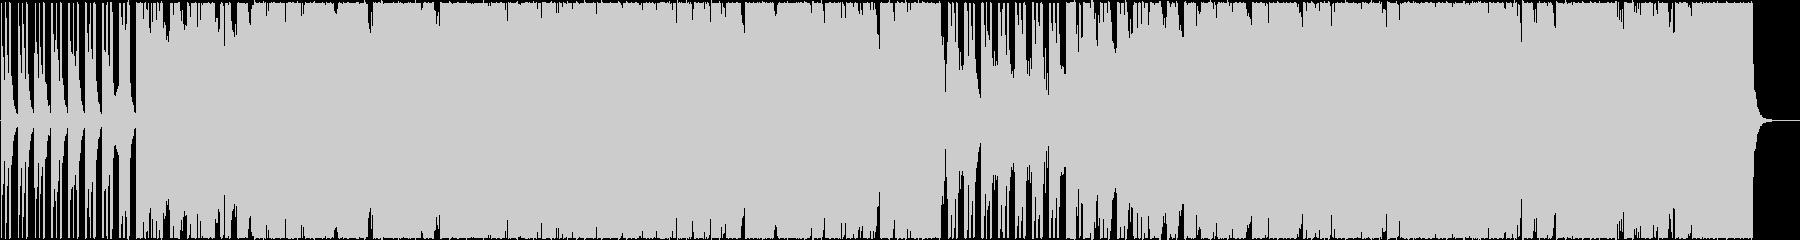 ハンドクラップの勢いのあるギターロックの未再生の波形